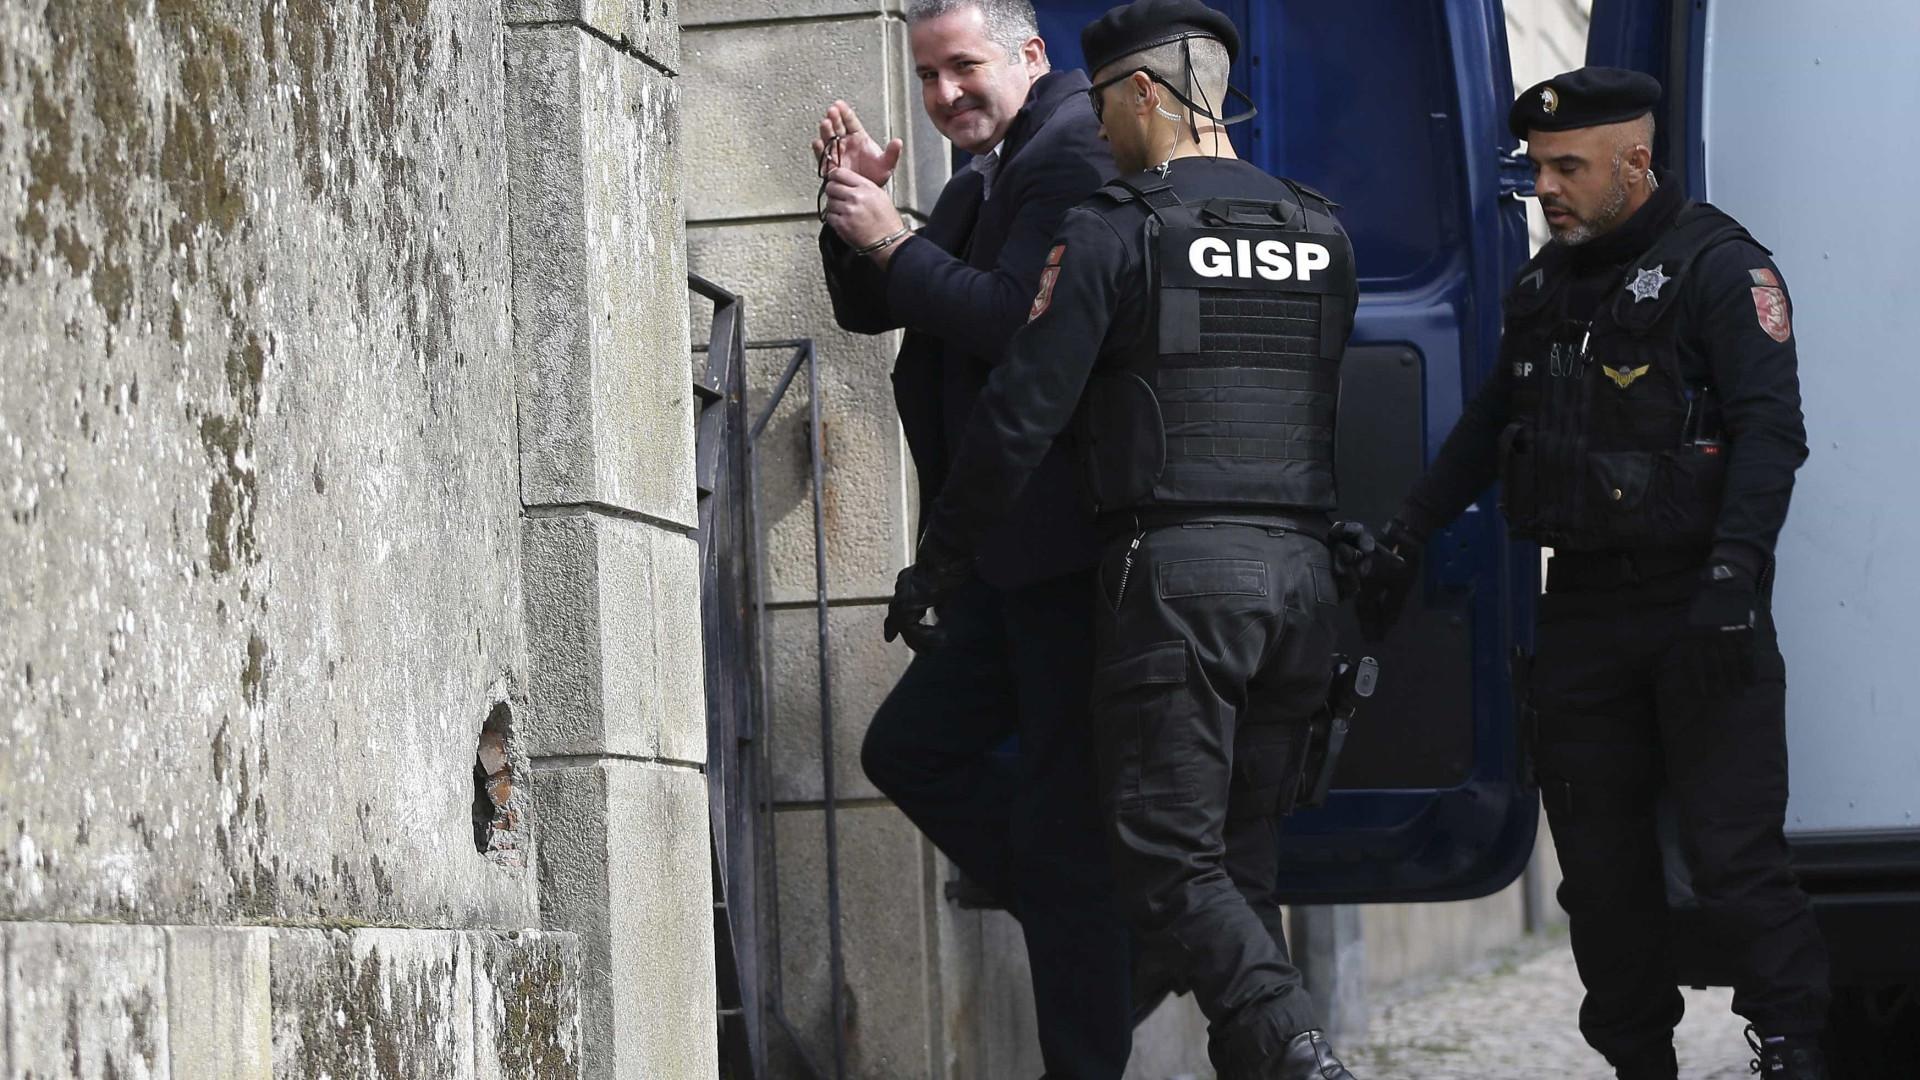 Pedro Dias formalmente acusado do homicídio de Liliane Pinto